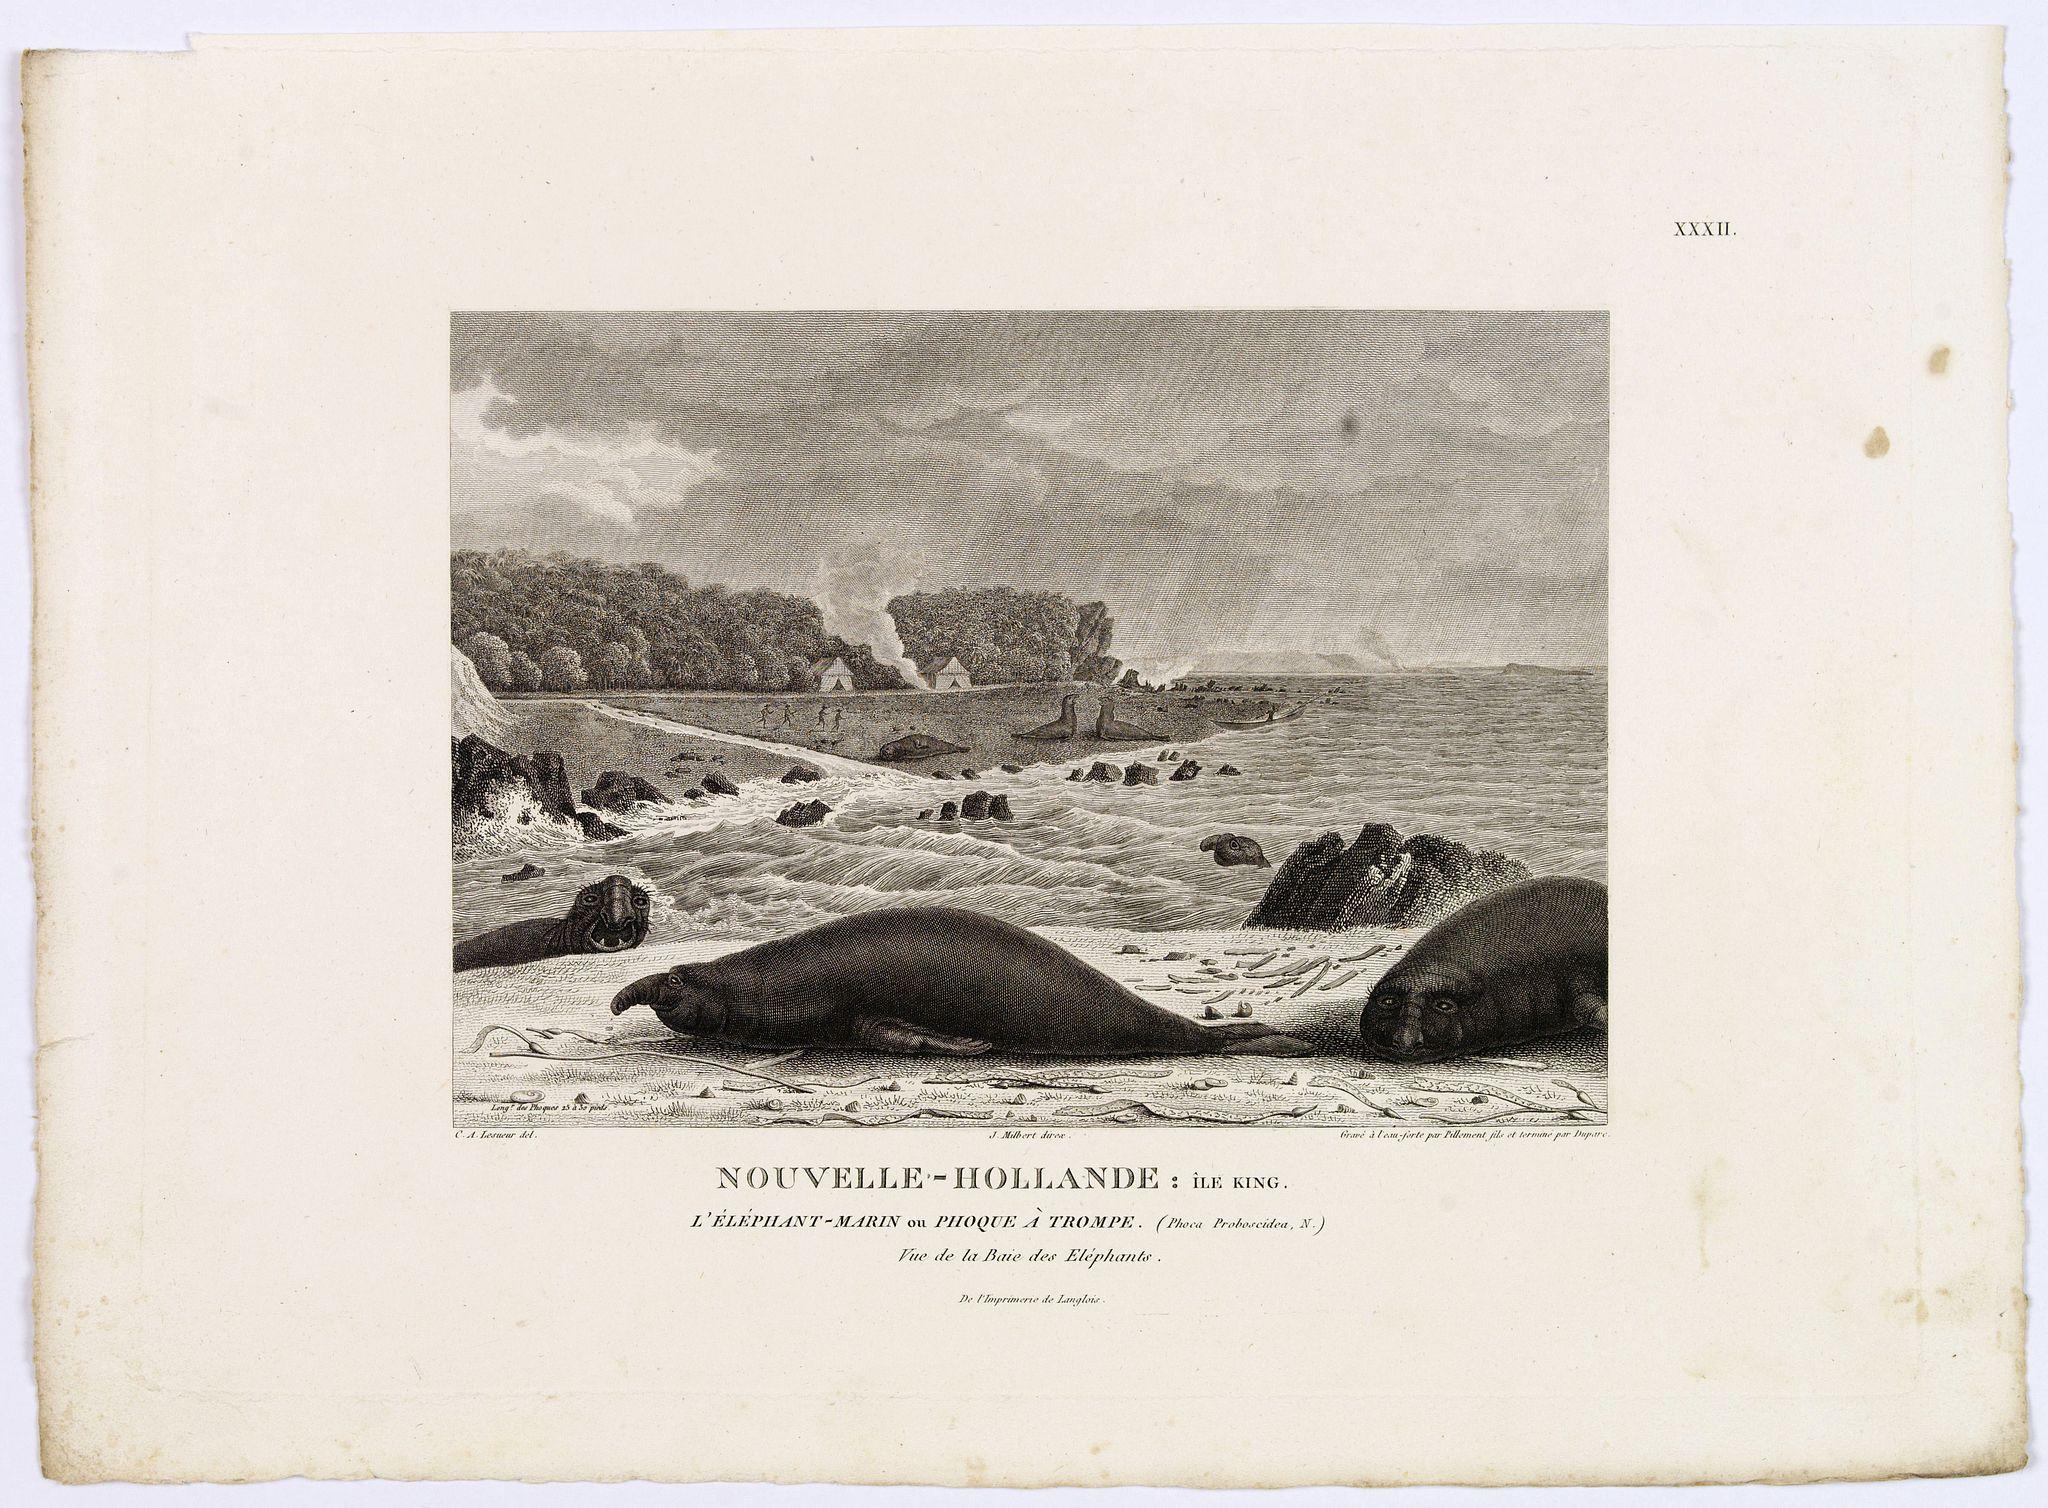 LESUEUR, C-A. / PERON, F. -  Nouvelle-Hollande: Ile King. L'Elephant-Marin ou Phoque a Trompe. [plate XXXII]